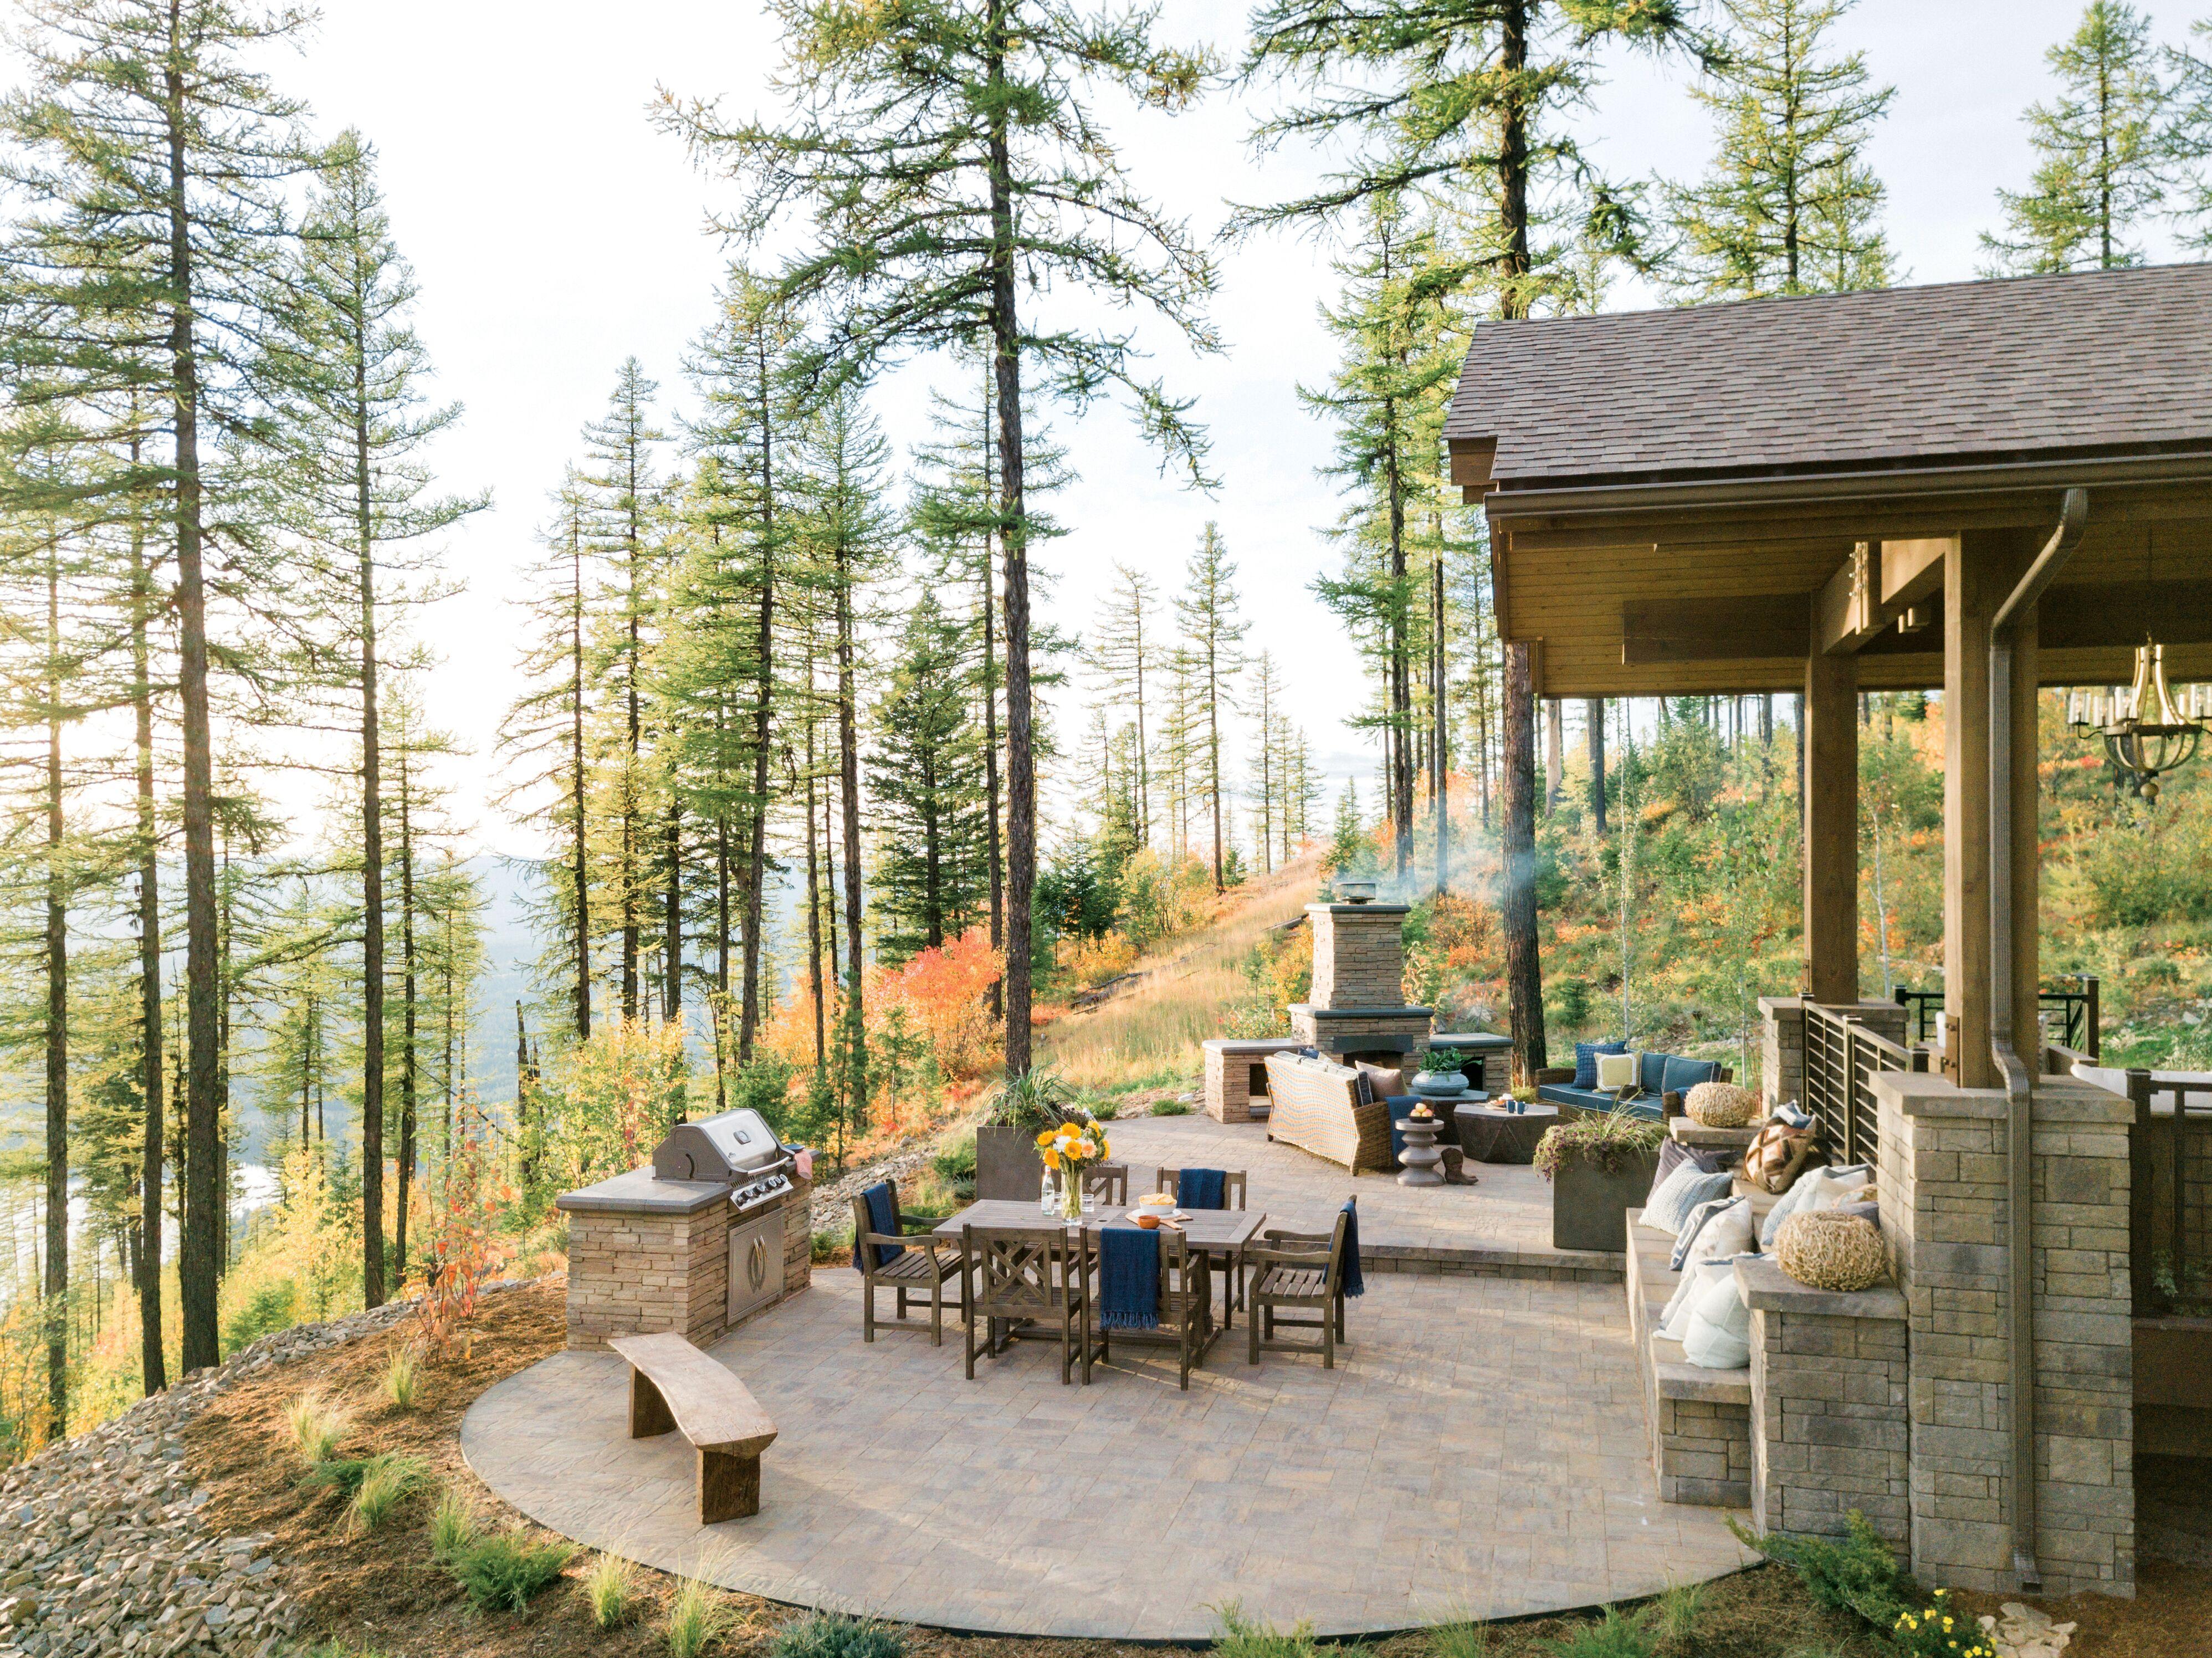 HGTV Dream Home 2019 Whitefish Montana